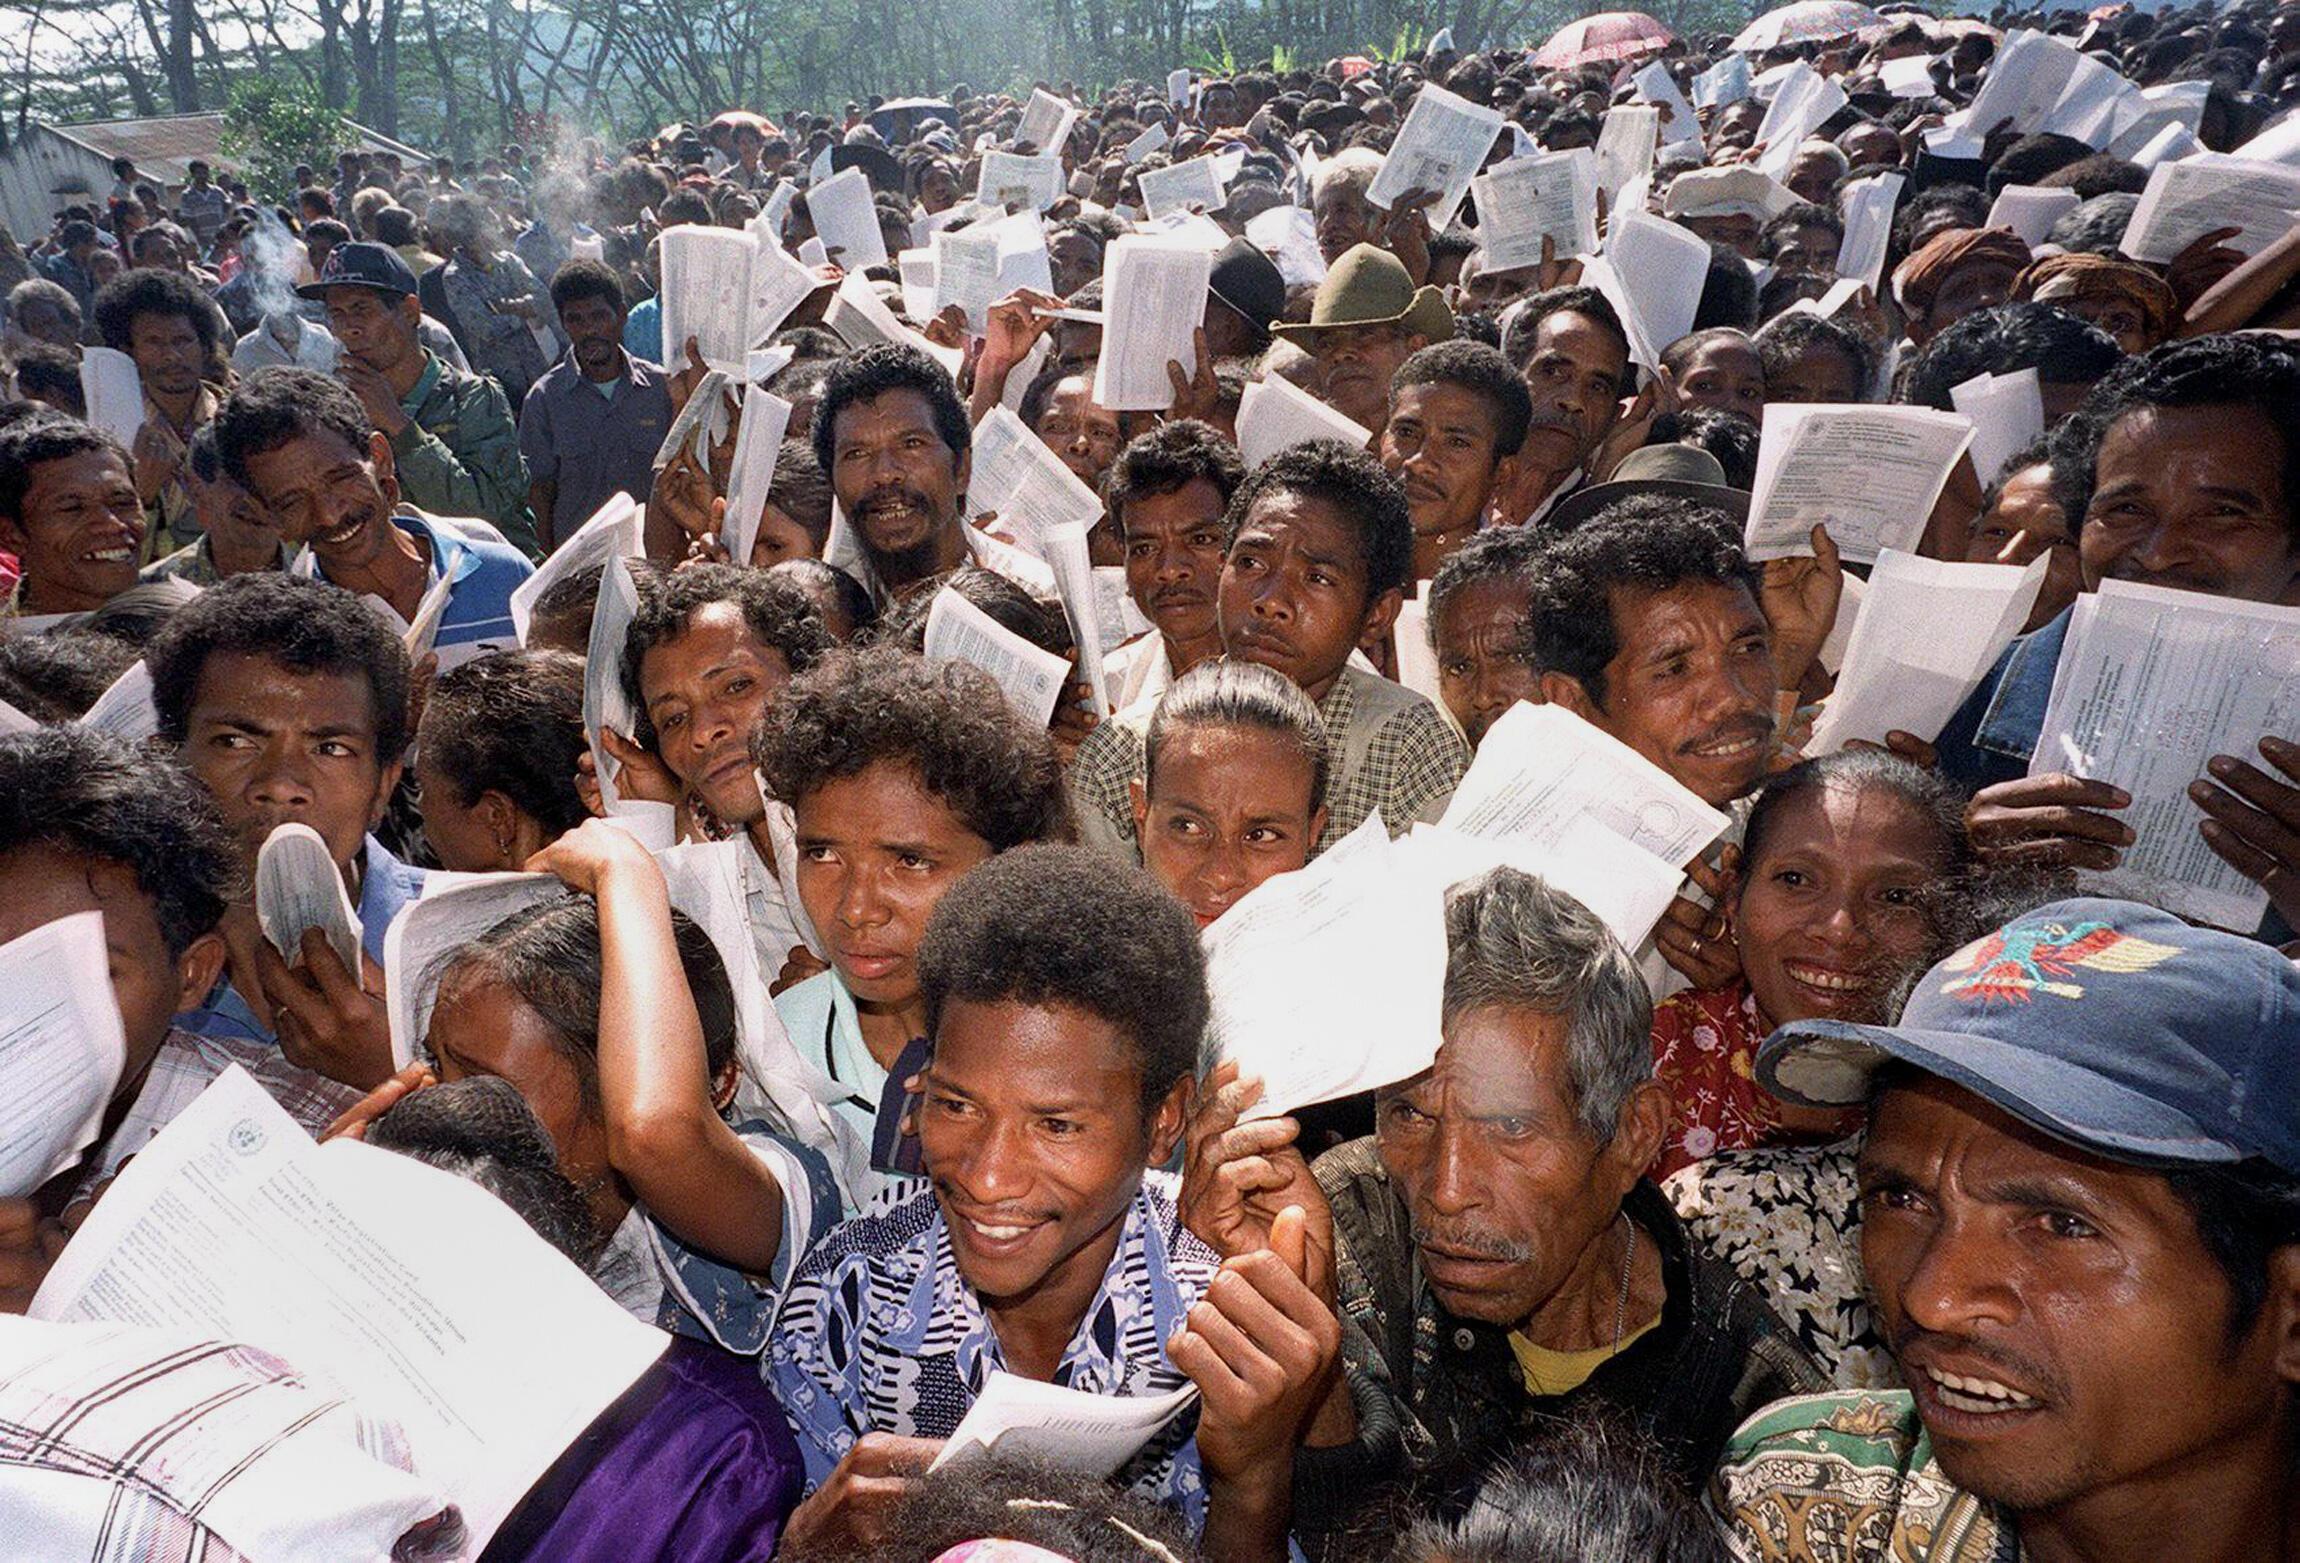 Fotografia tirada a 30 de Agosto de 1999, dia do referendo sobre a independência.